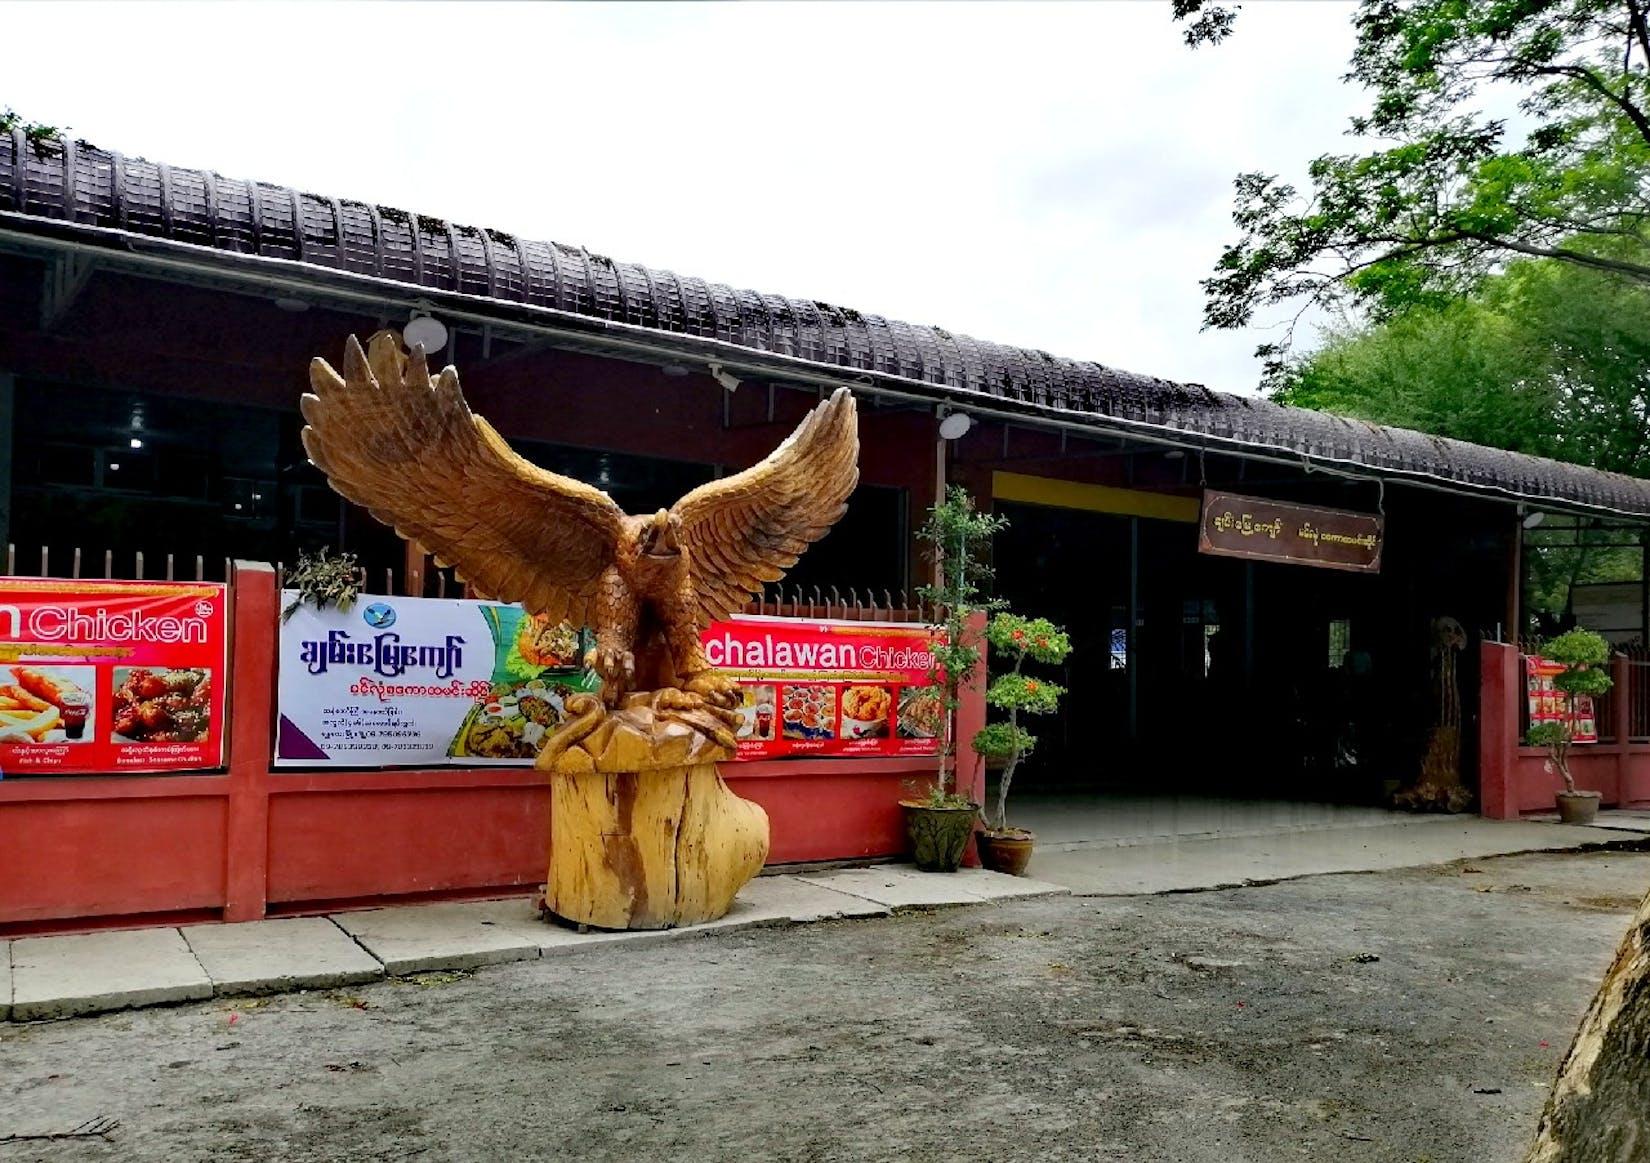 ချမ်းမြေ့ ကျော်(ပင်လုံ စ ကောထမင်း) စားသောက်ဆိုင်   yathar